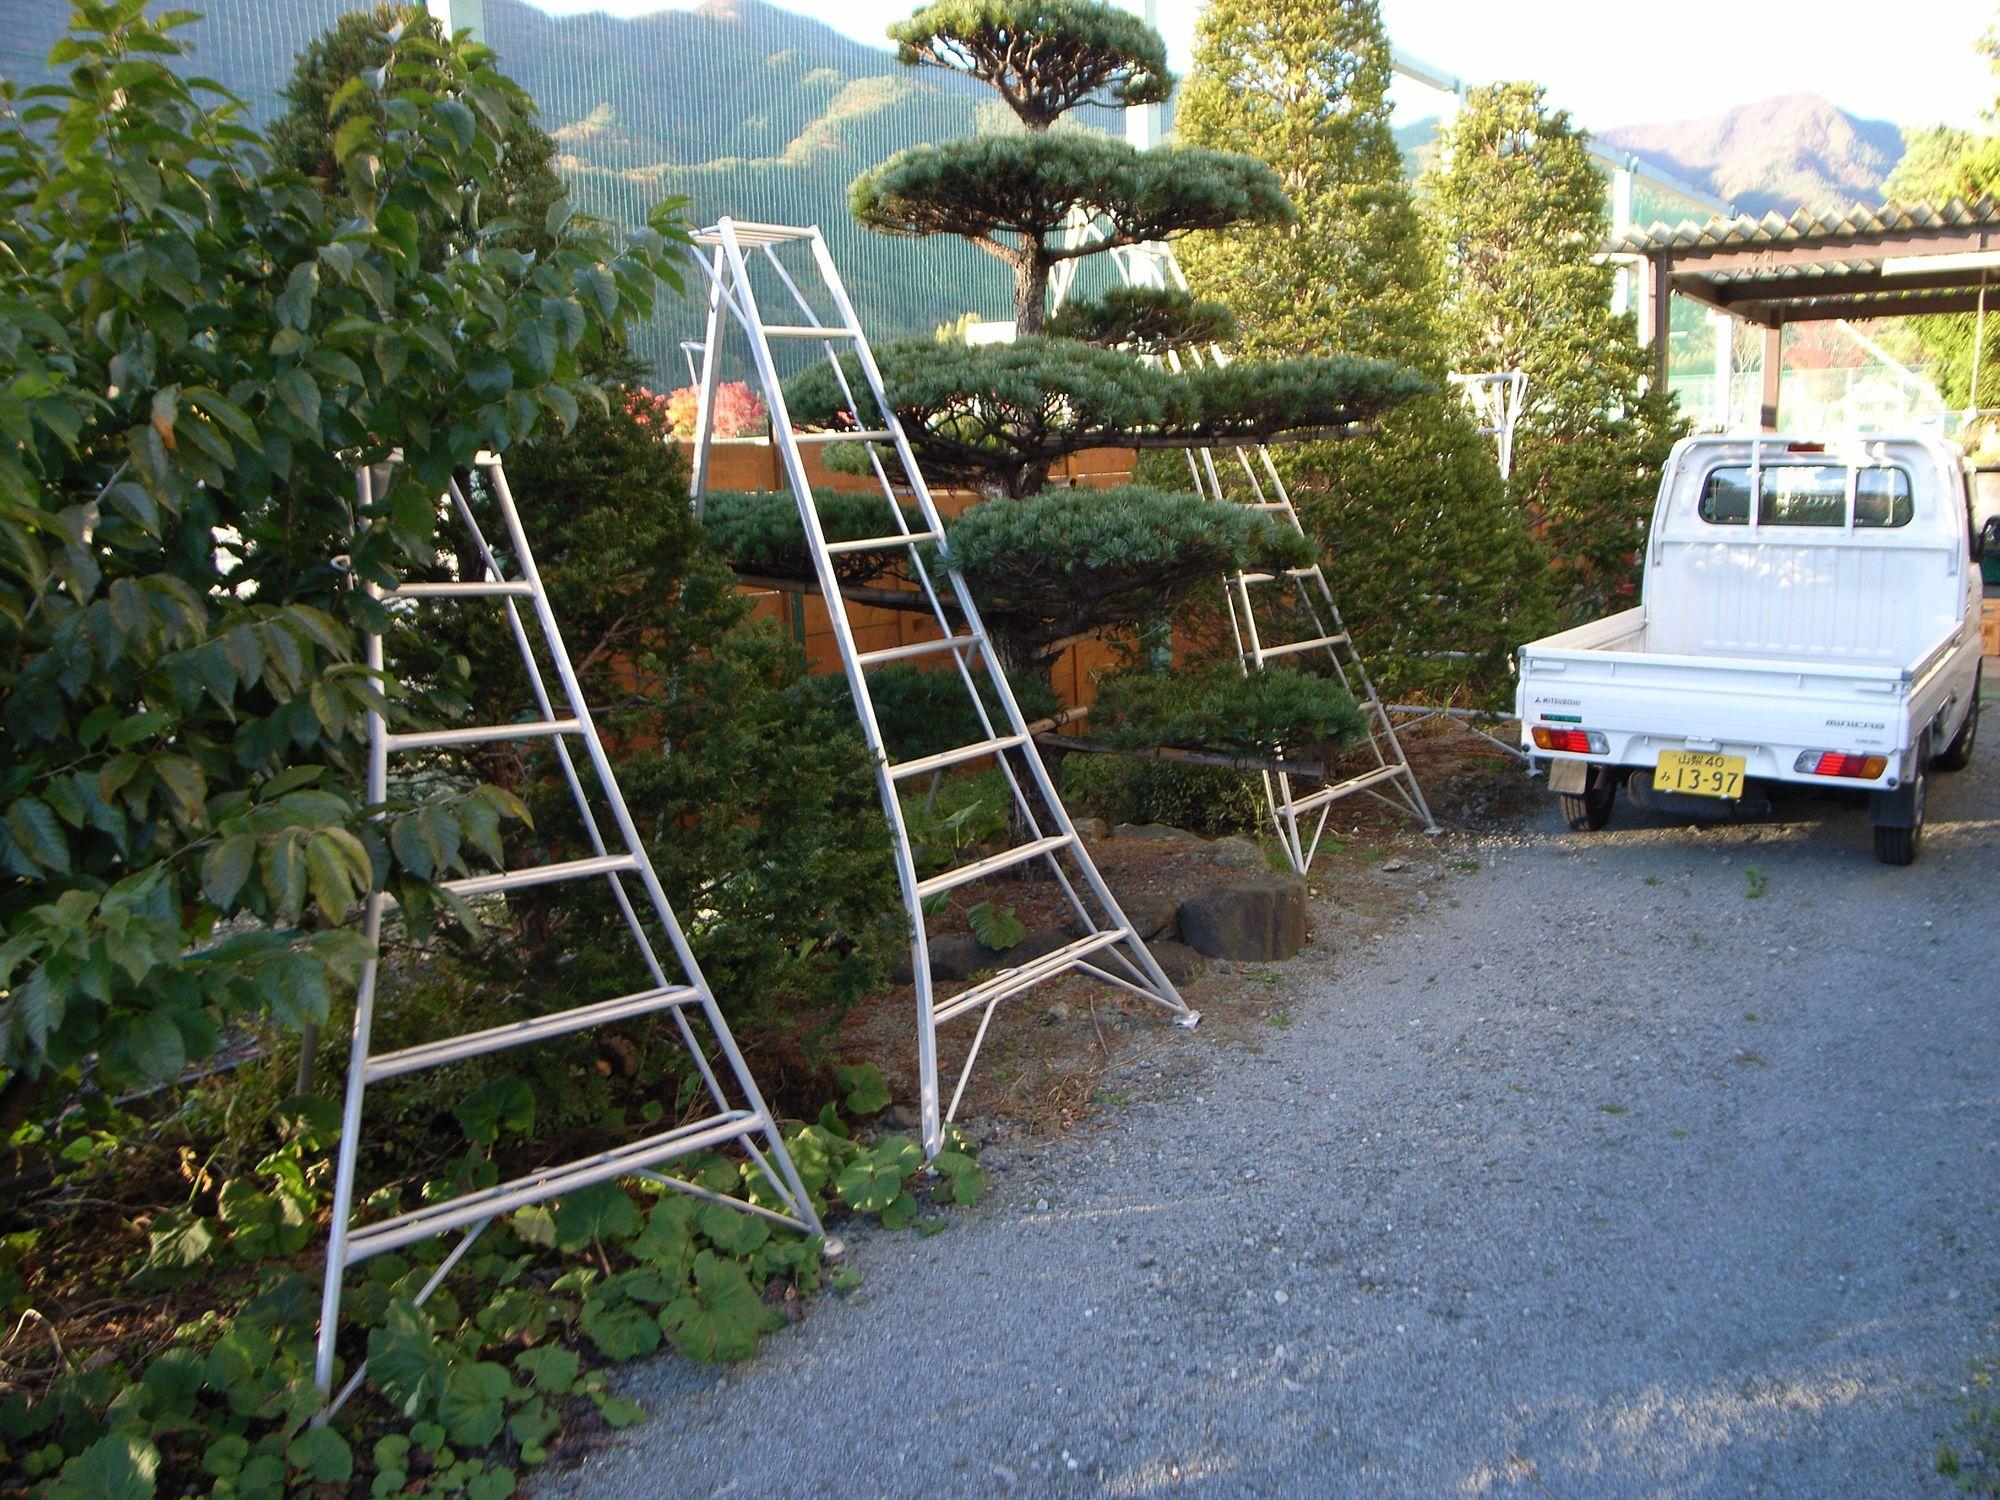 fuji- black pine, tripod ladders